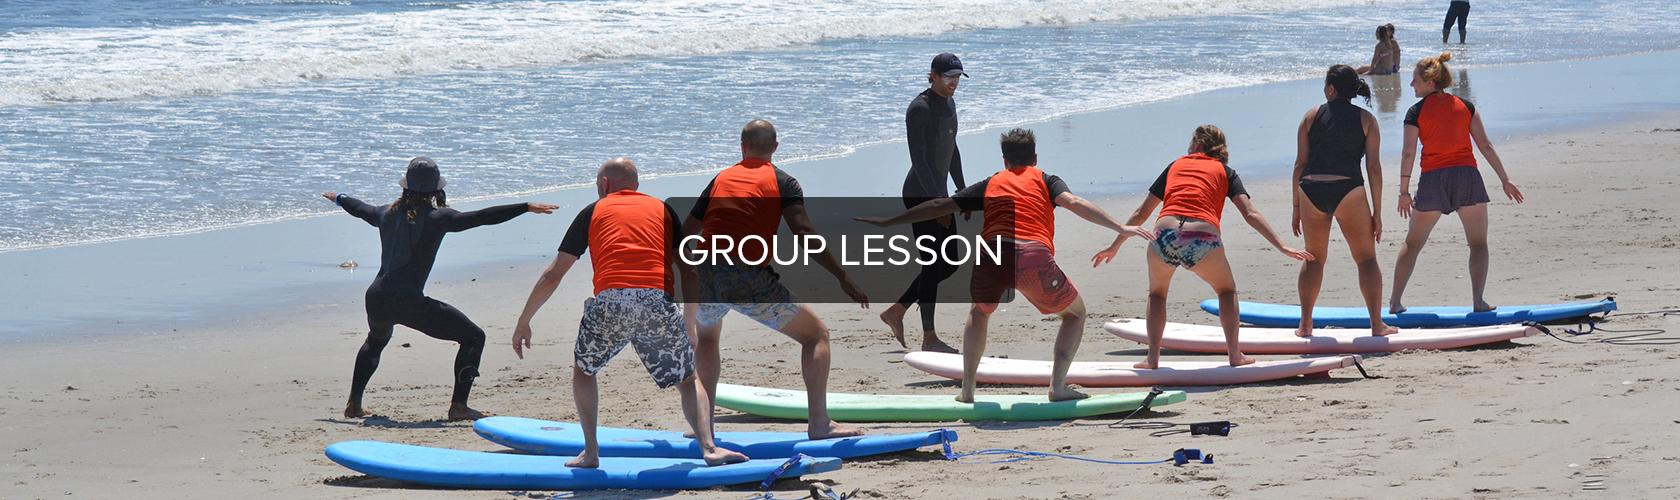 Group Lesson Slider 2018 3.jpg